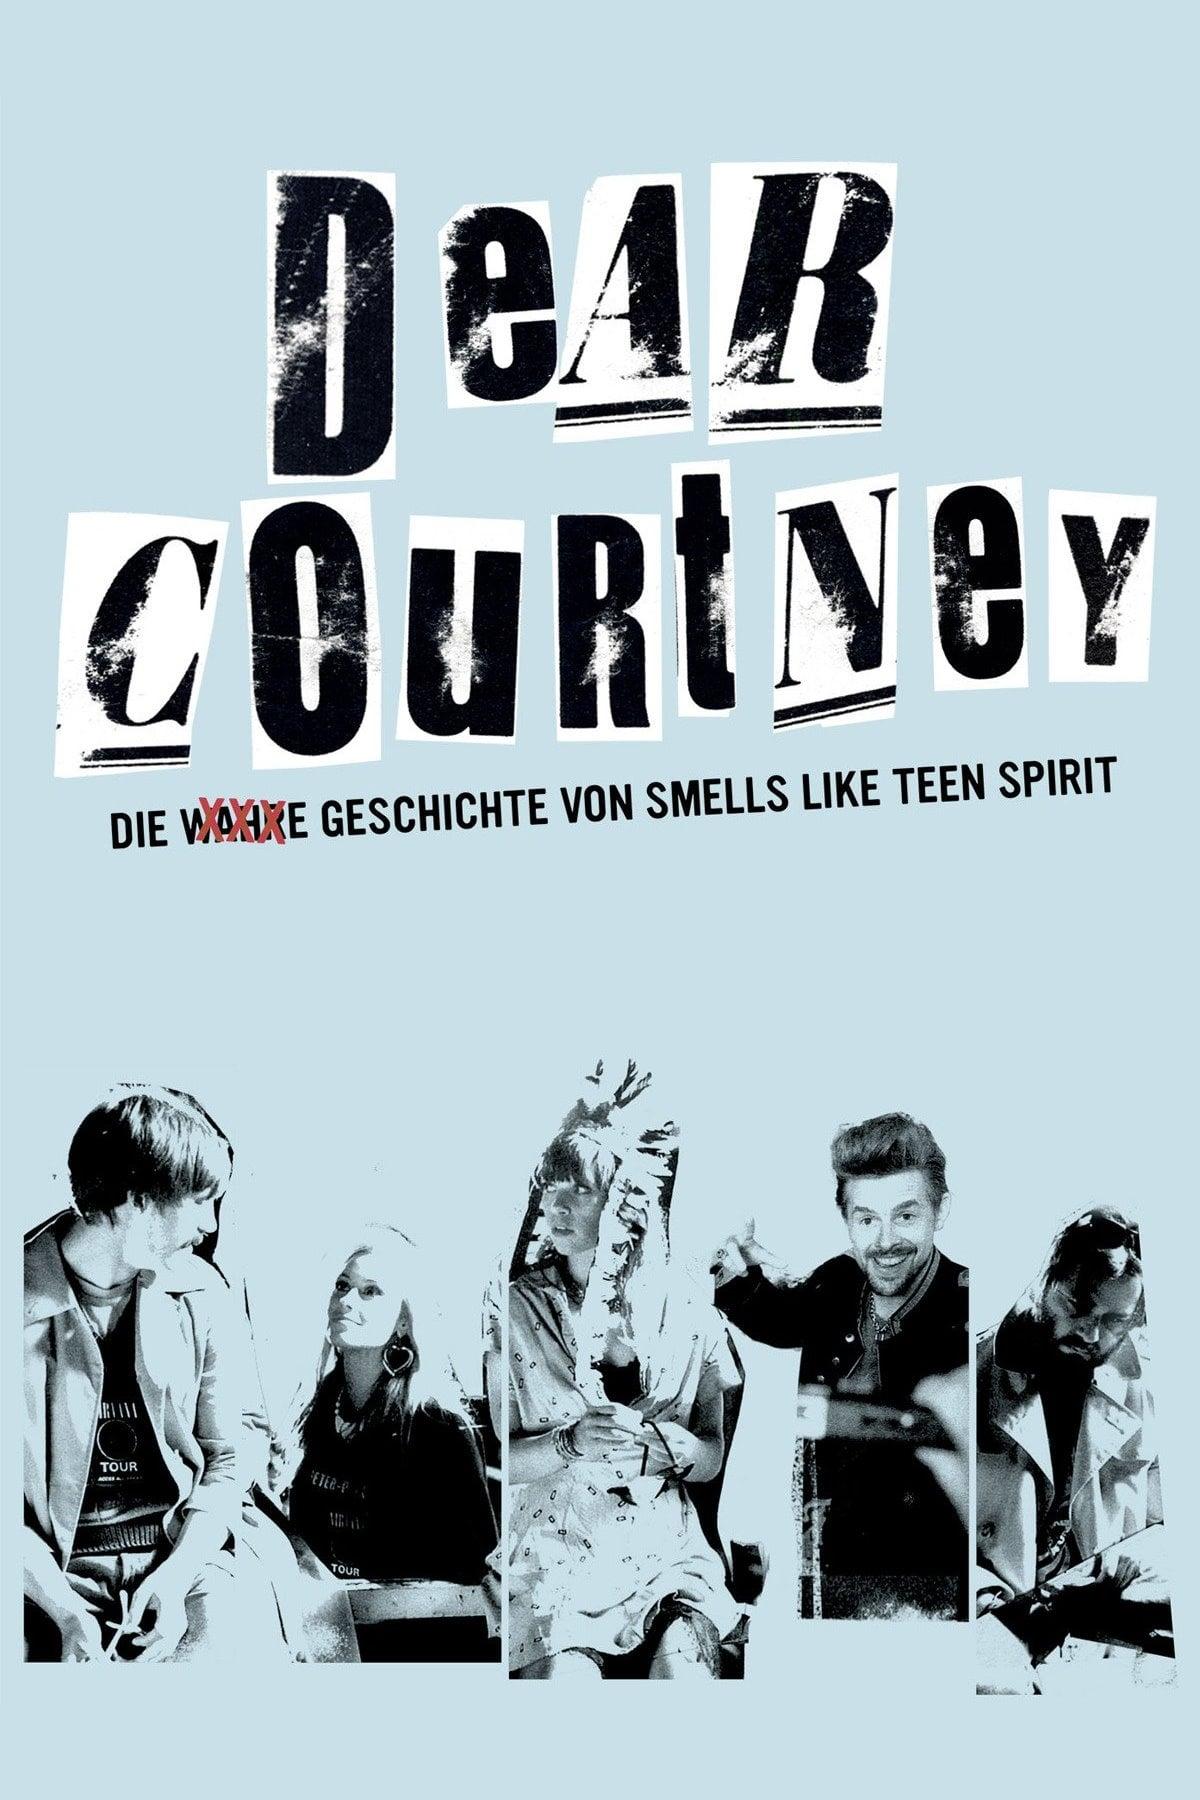 Querida Courtney